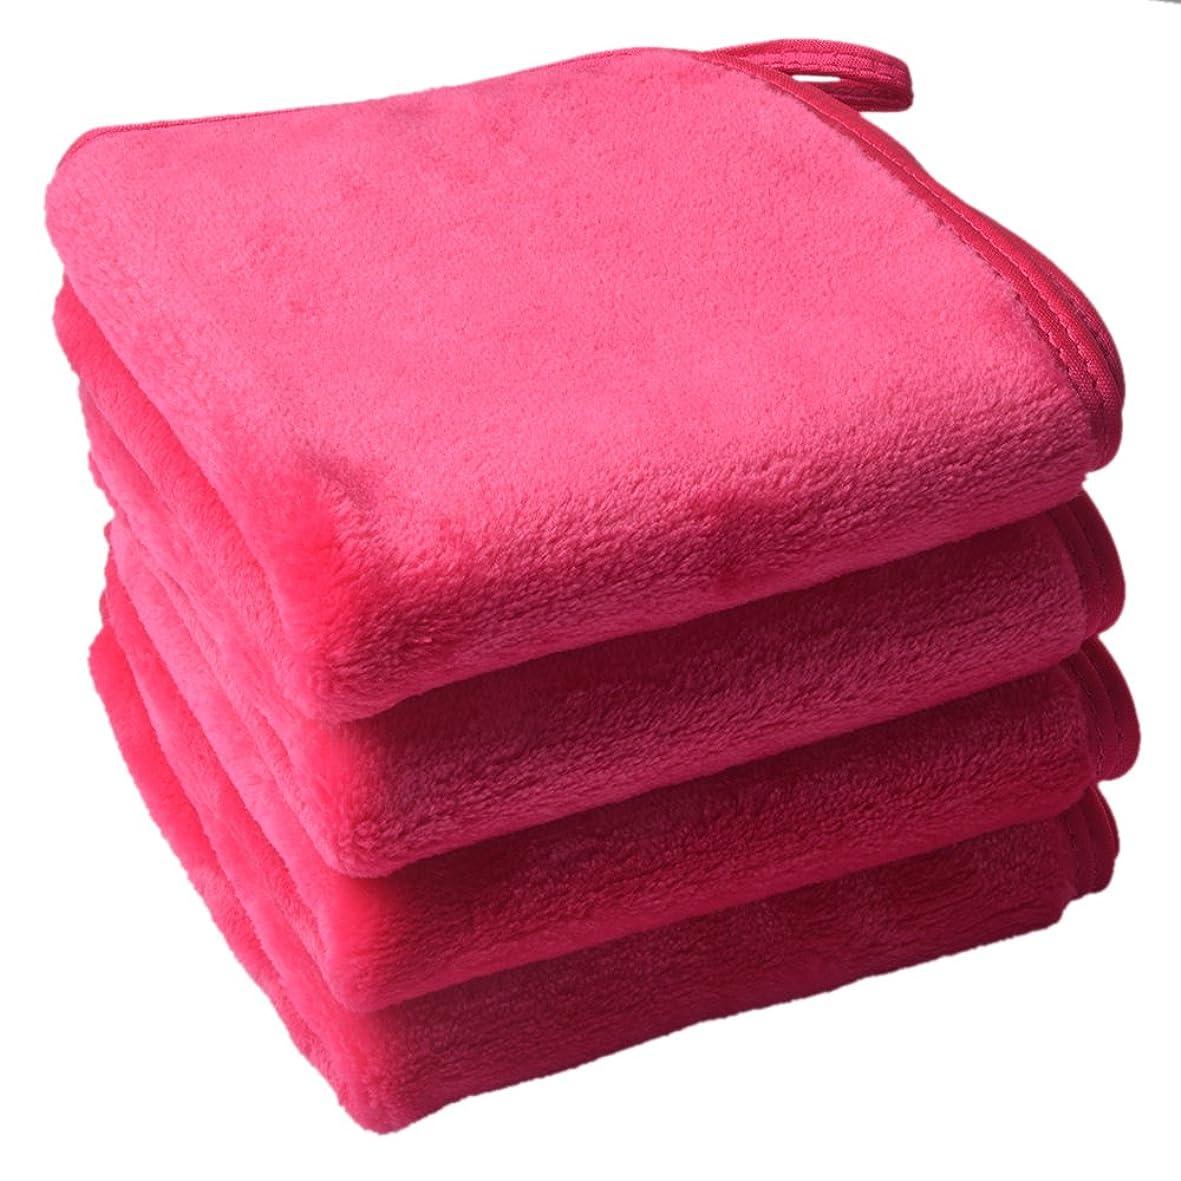 開発する桁反対したSinland メイク落としタオル 柔らかい クレンジング タオル 敏感肌用タオル